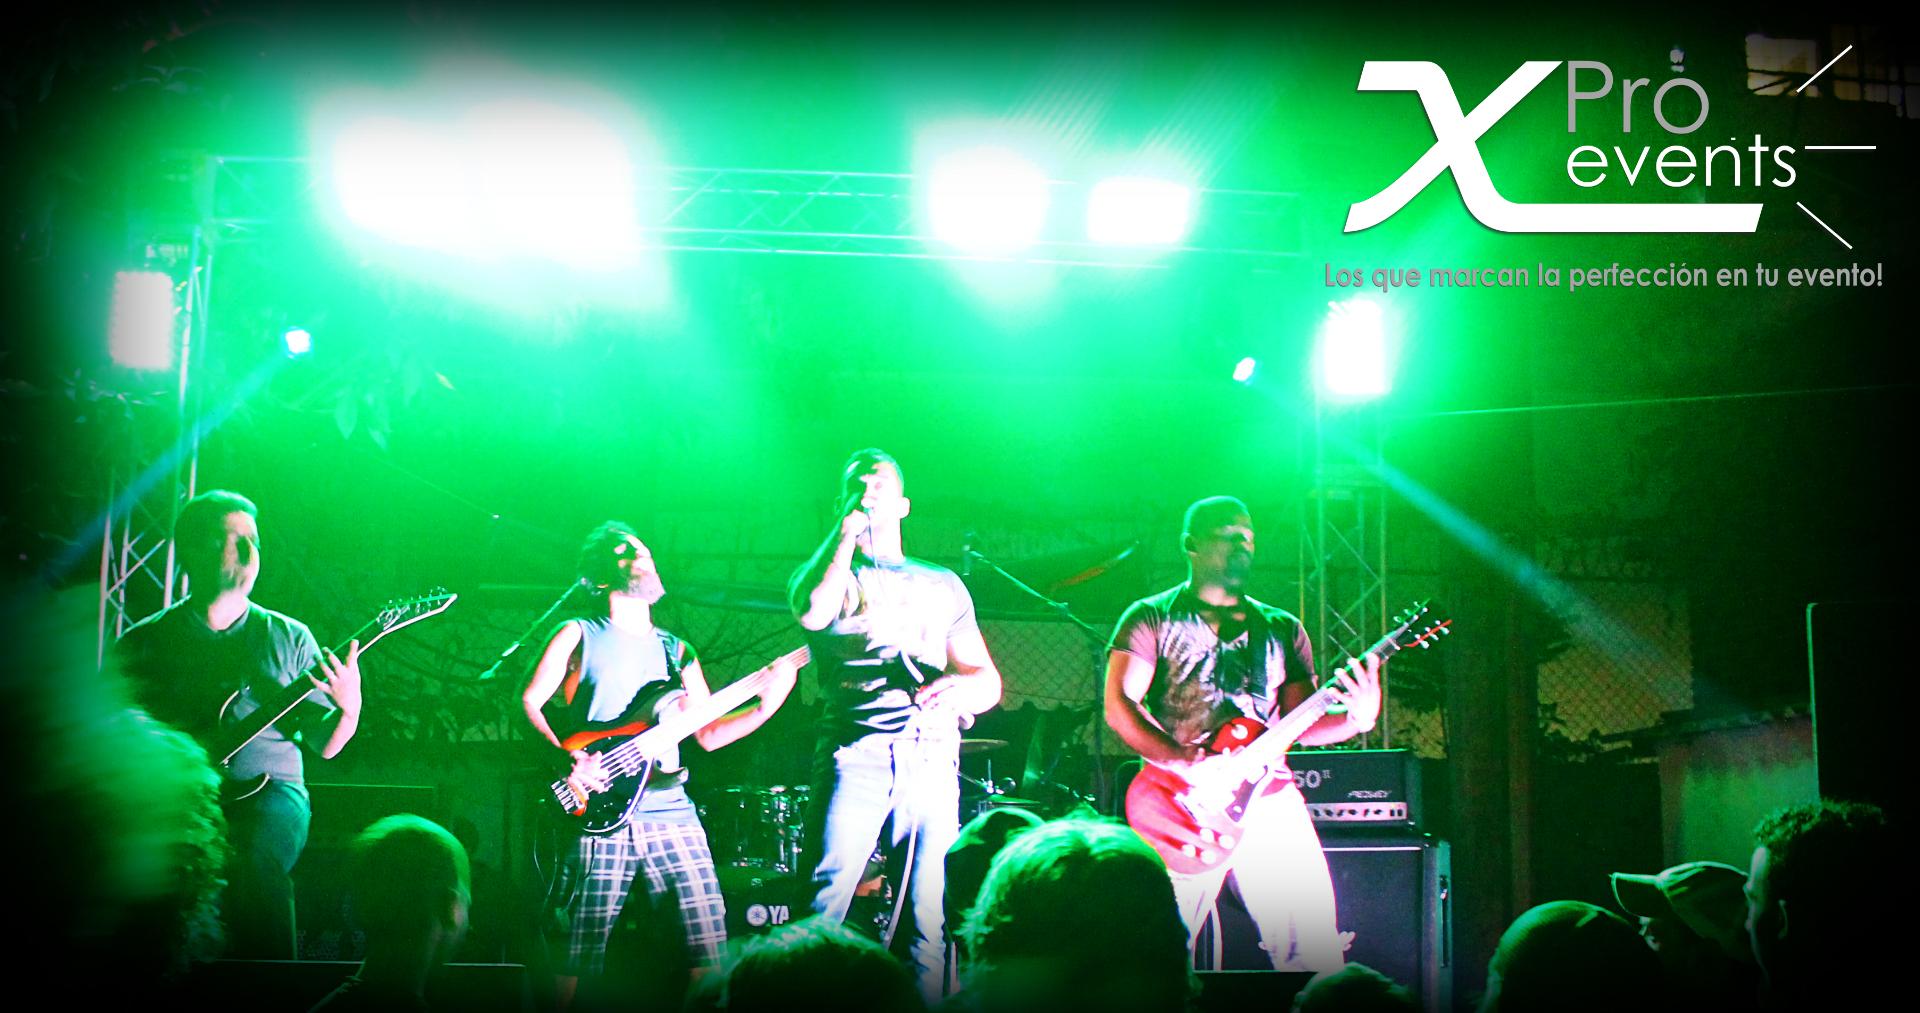 www.Xproevents.com - Escenarios completos para conciertos.JPG